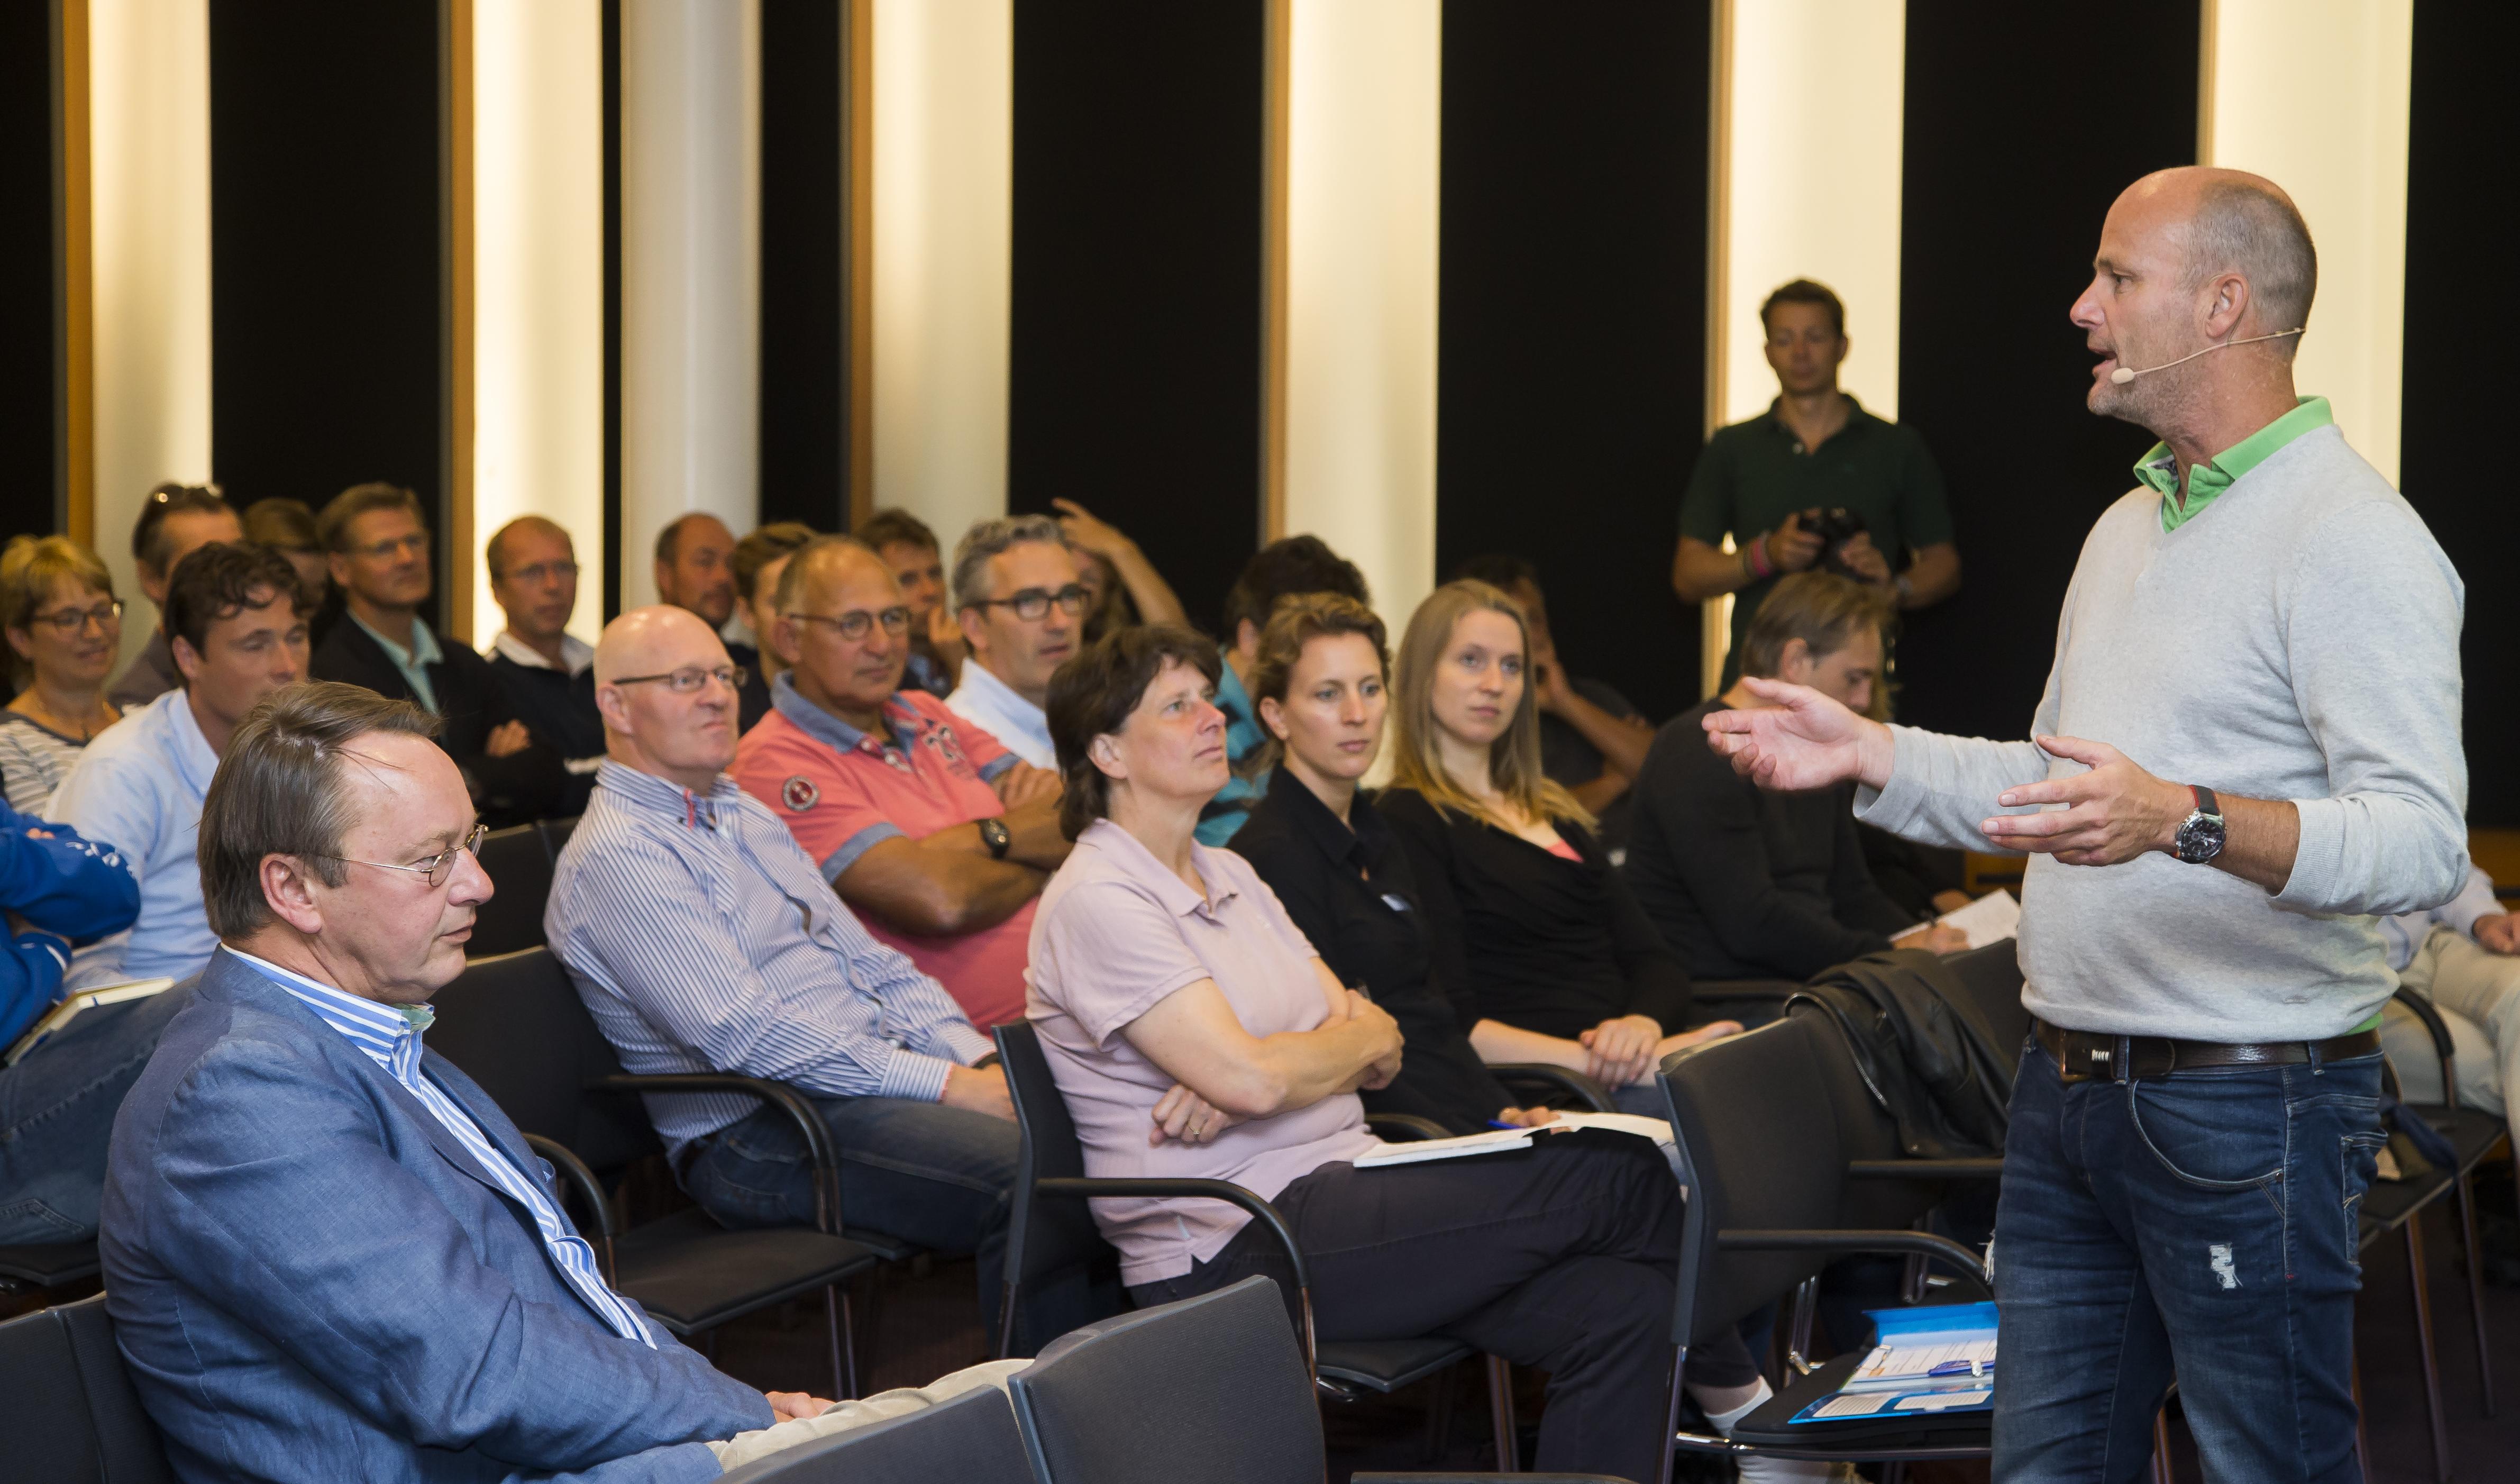 'Belasting en belastbaarheid' onderwerp van gesprek tijdens het Technisch Kader & Medisch Congres